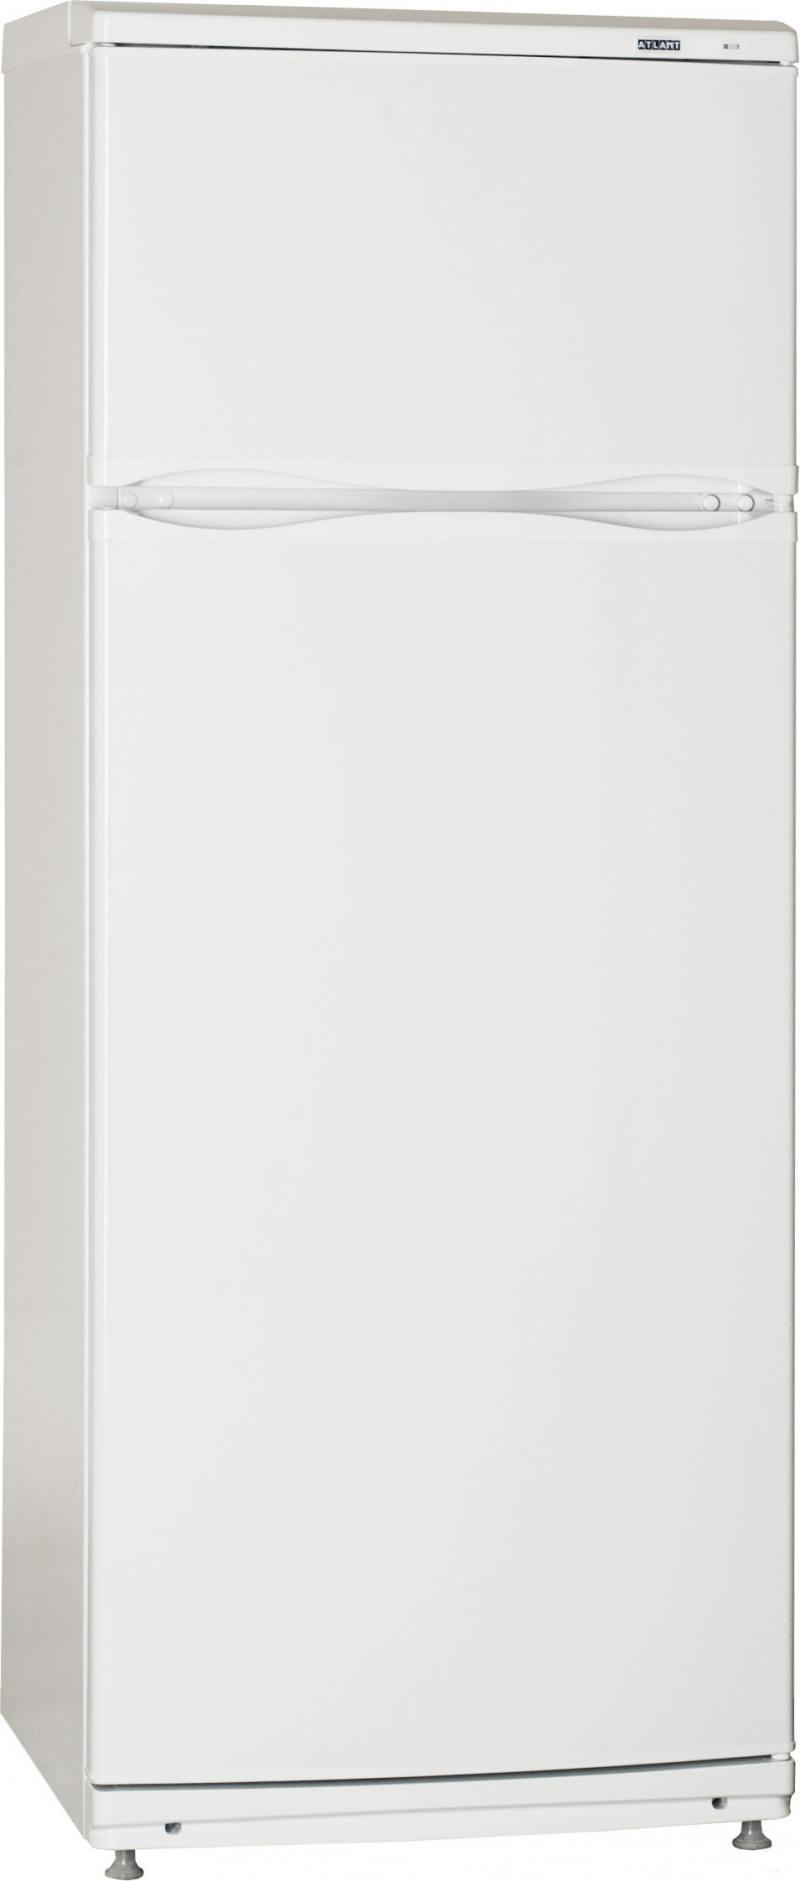 МХМ-2808-90 (00,97) refrigerator atlant 2819 90